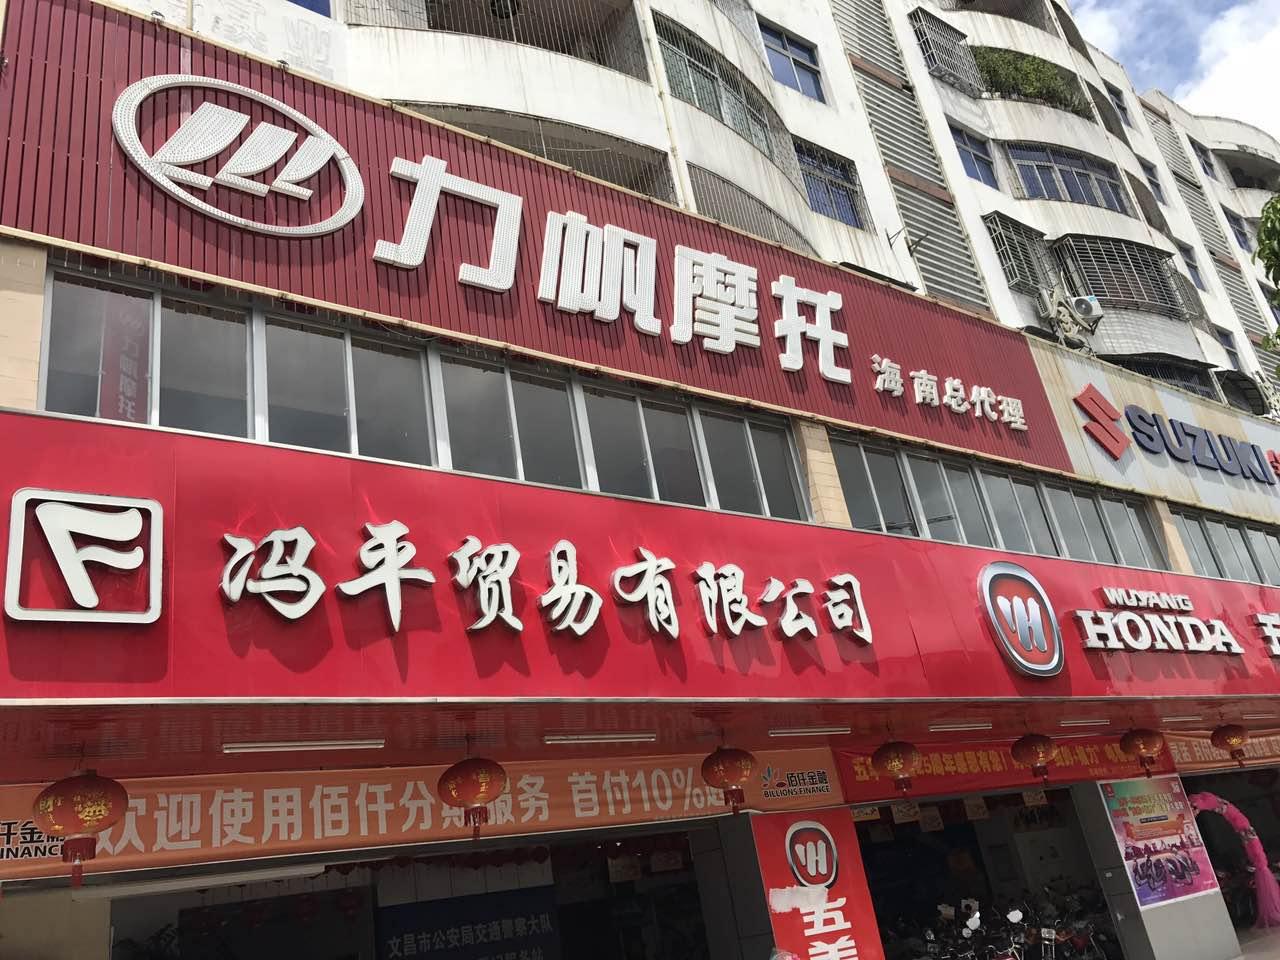 文昌冯平贸易有限公司